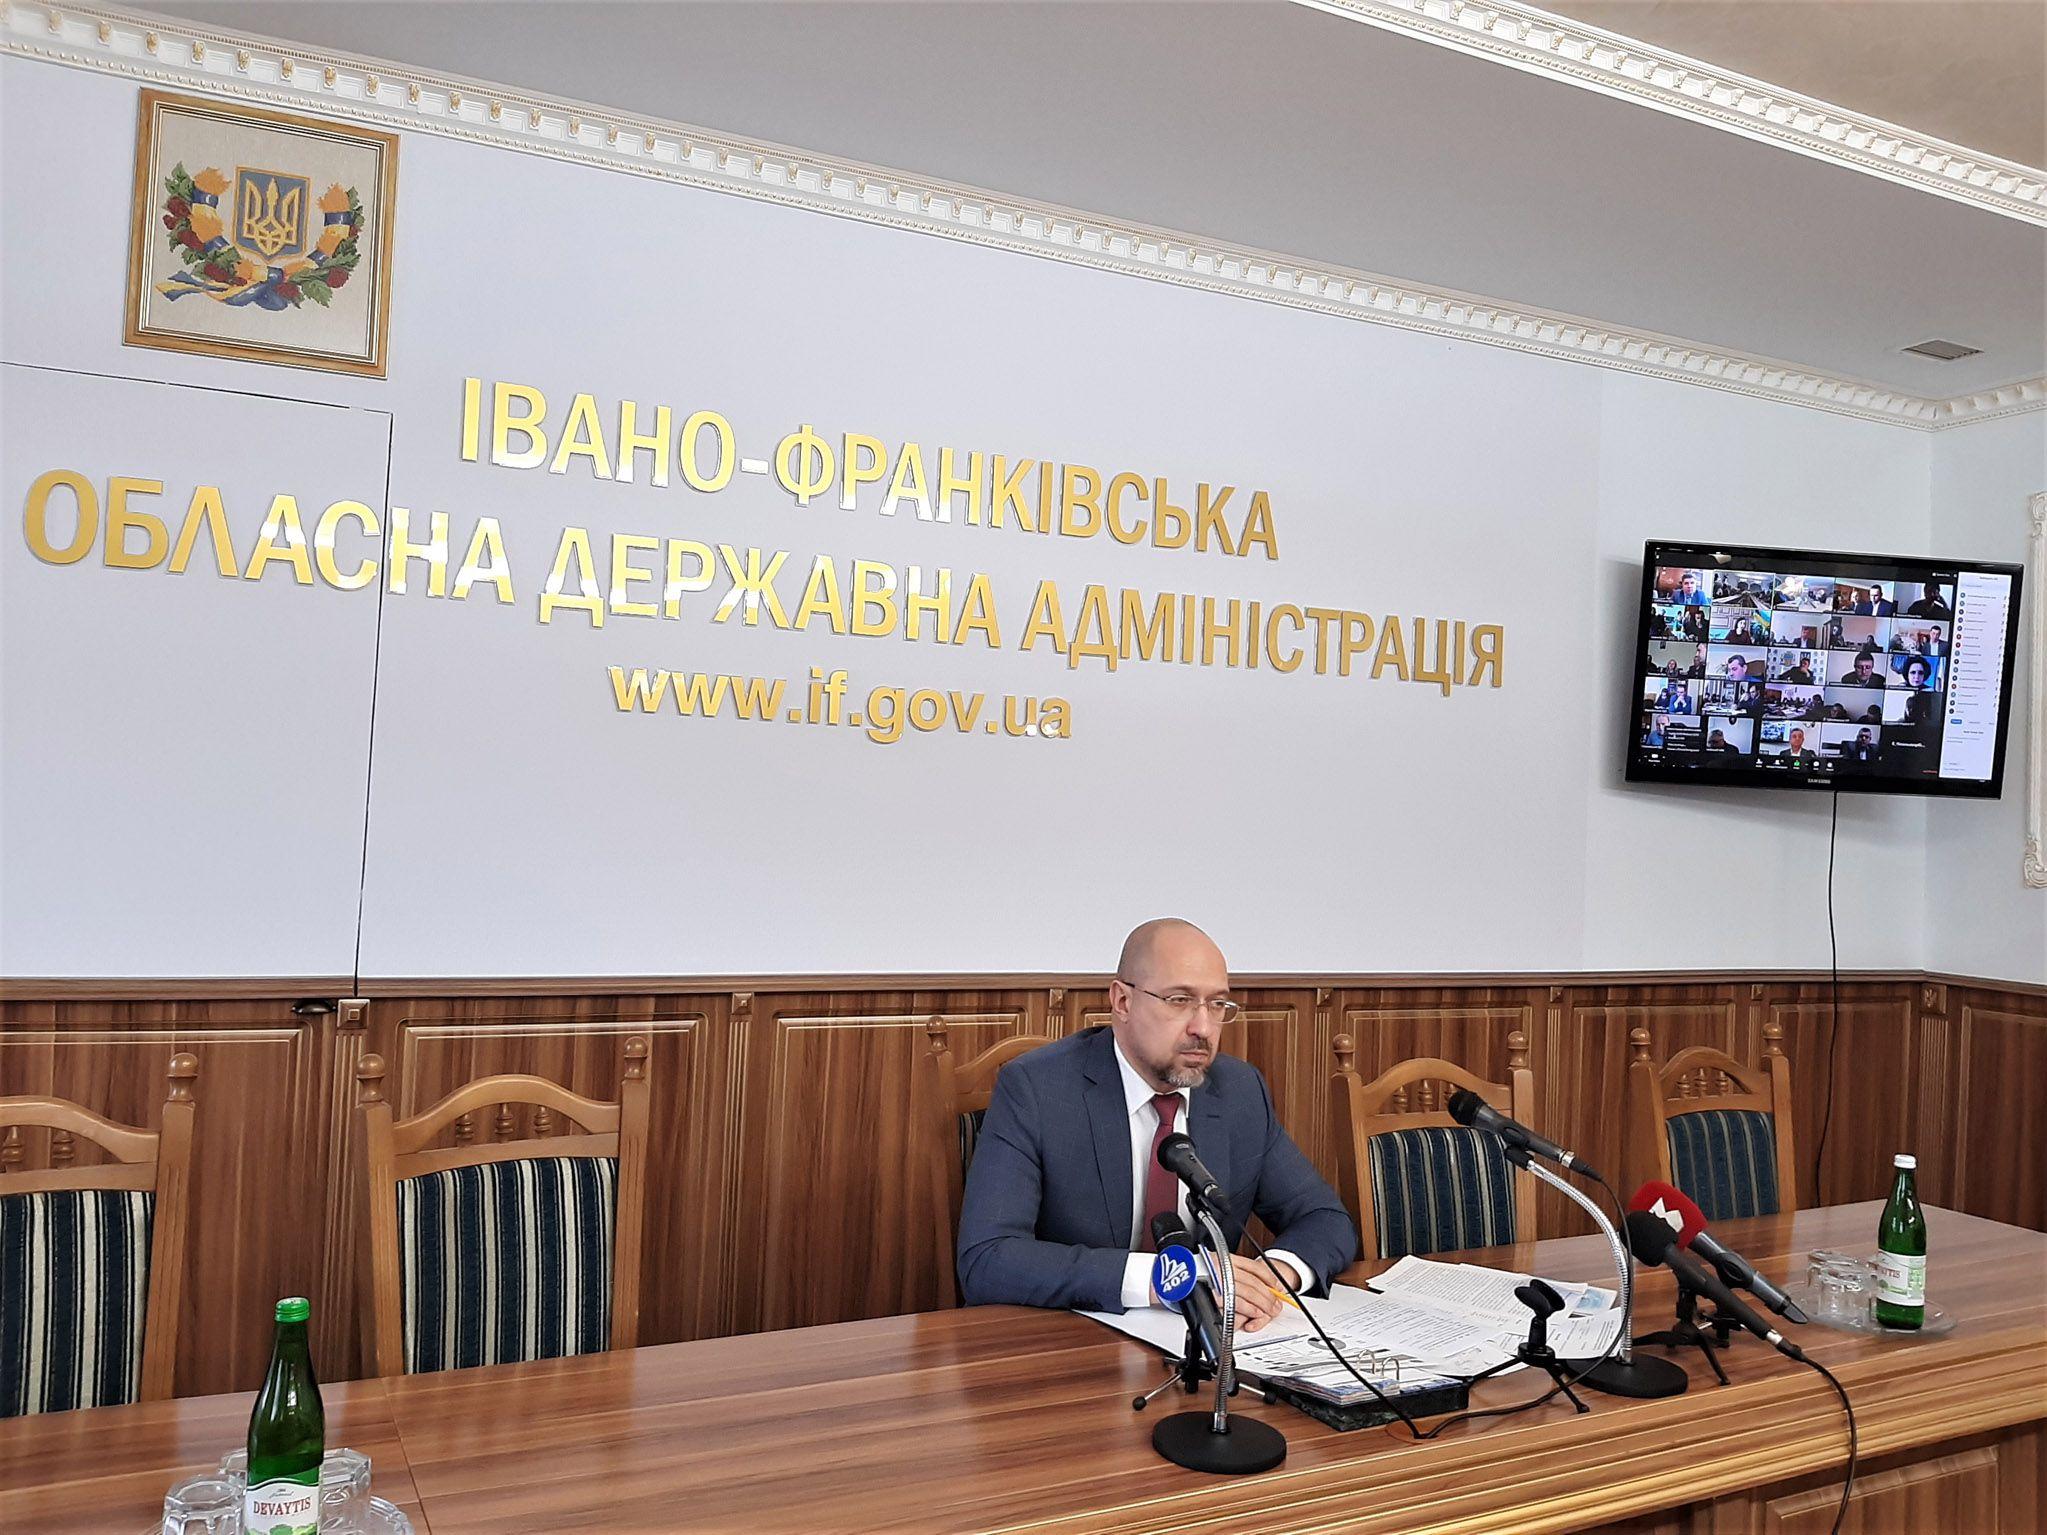 У веб-сайта Ивано-Франковской облгосадминистрации наивысший рейтинг информационной прозрачности